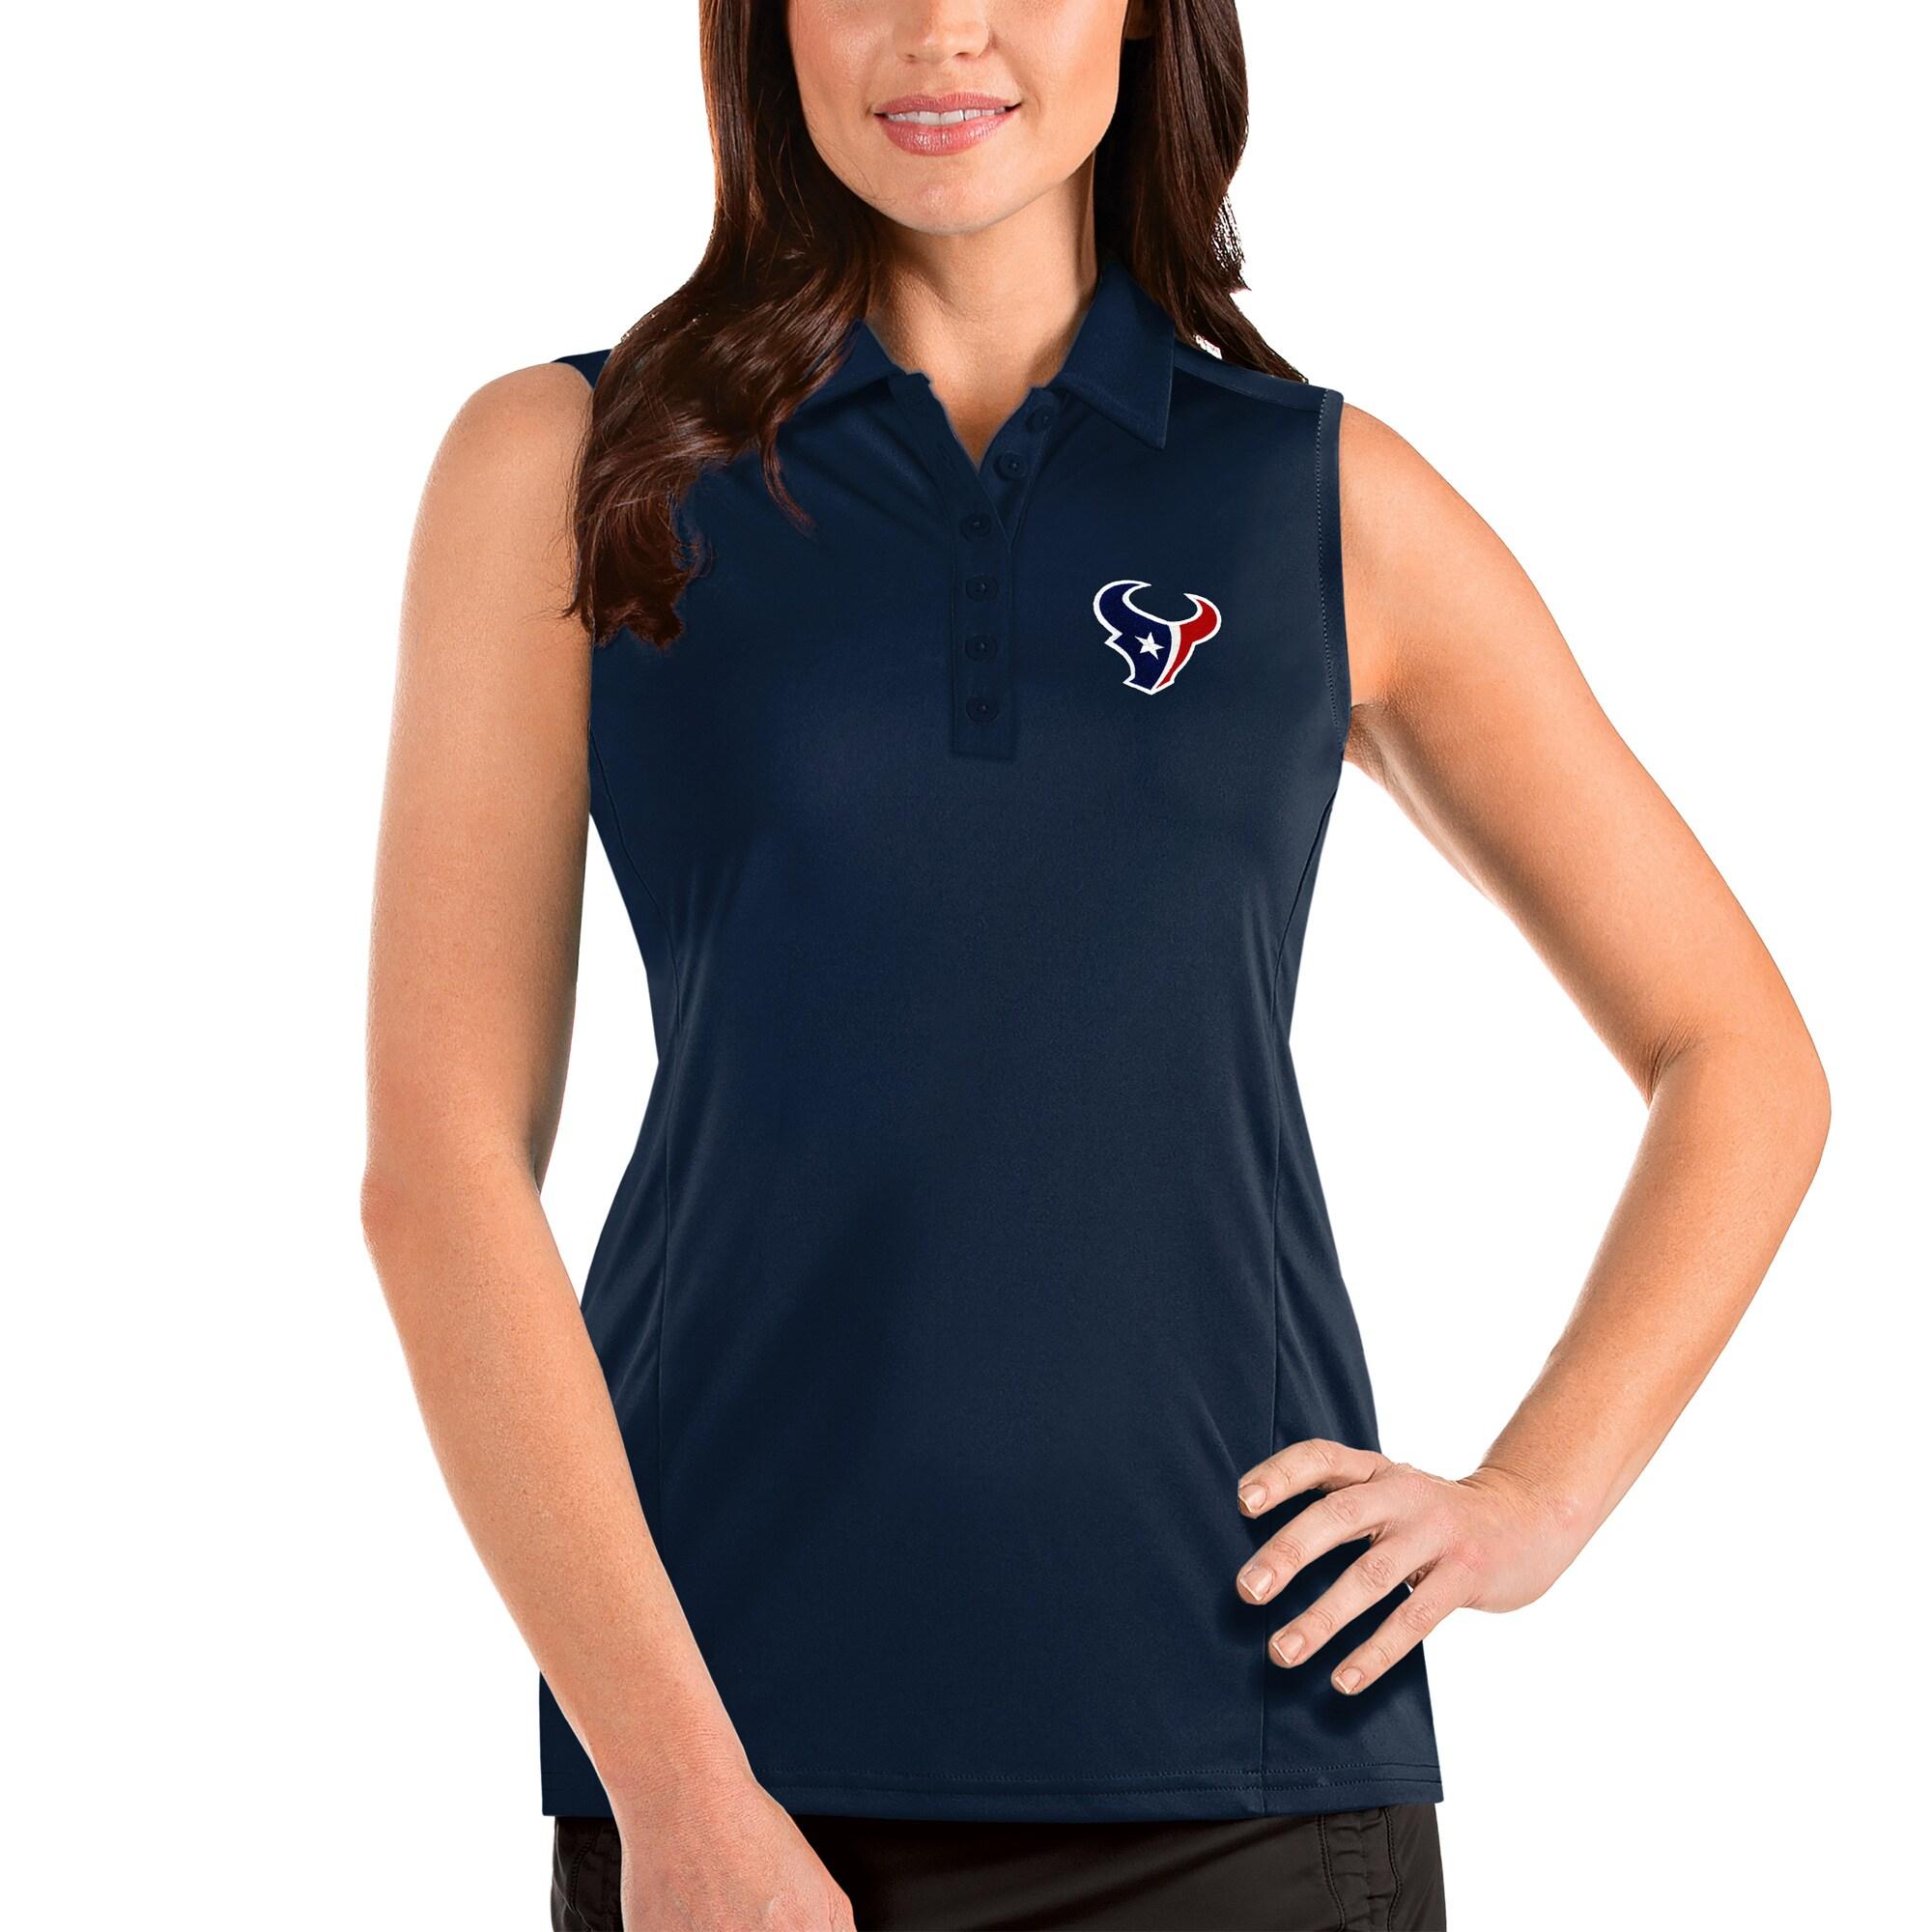 Houston Texans Antigua Women's Sleeveless Tribute Polo - Navy